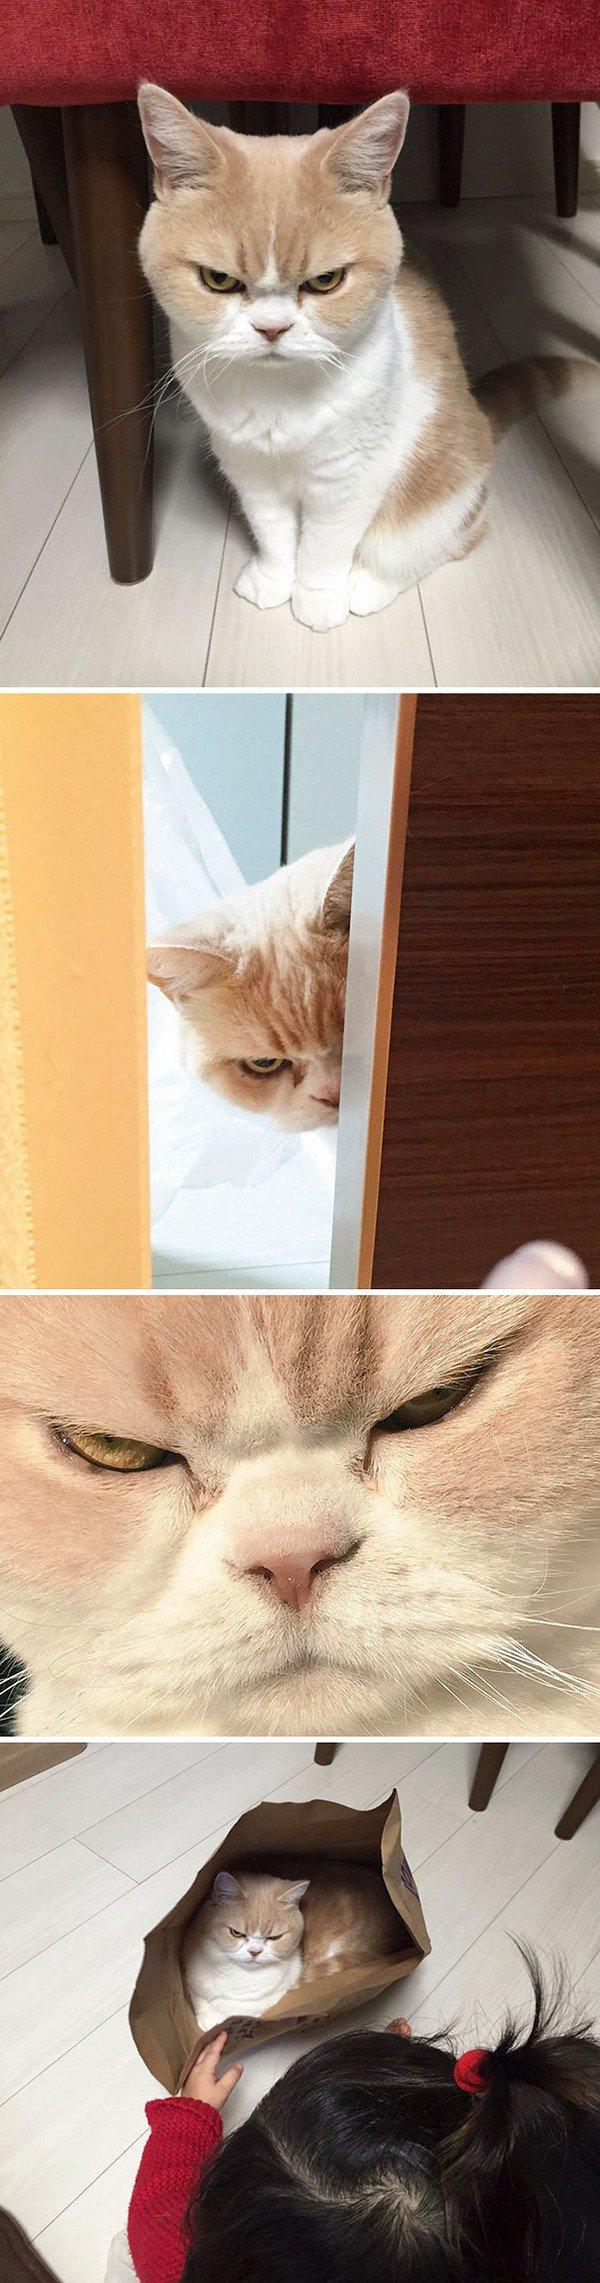 evil cats bad look